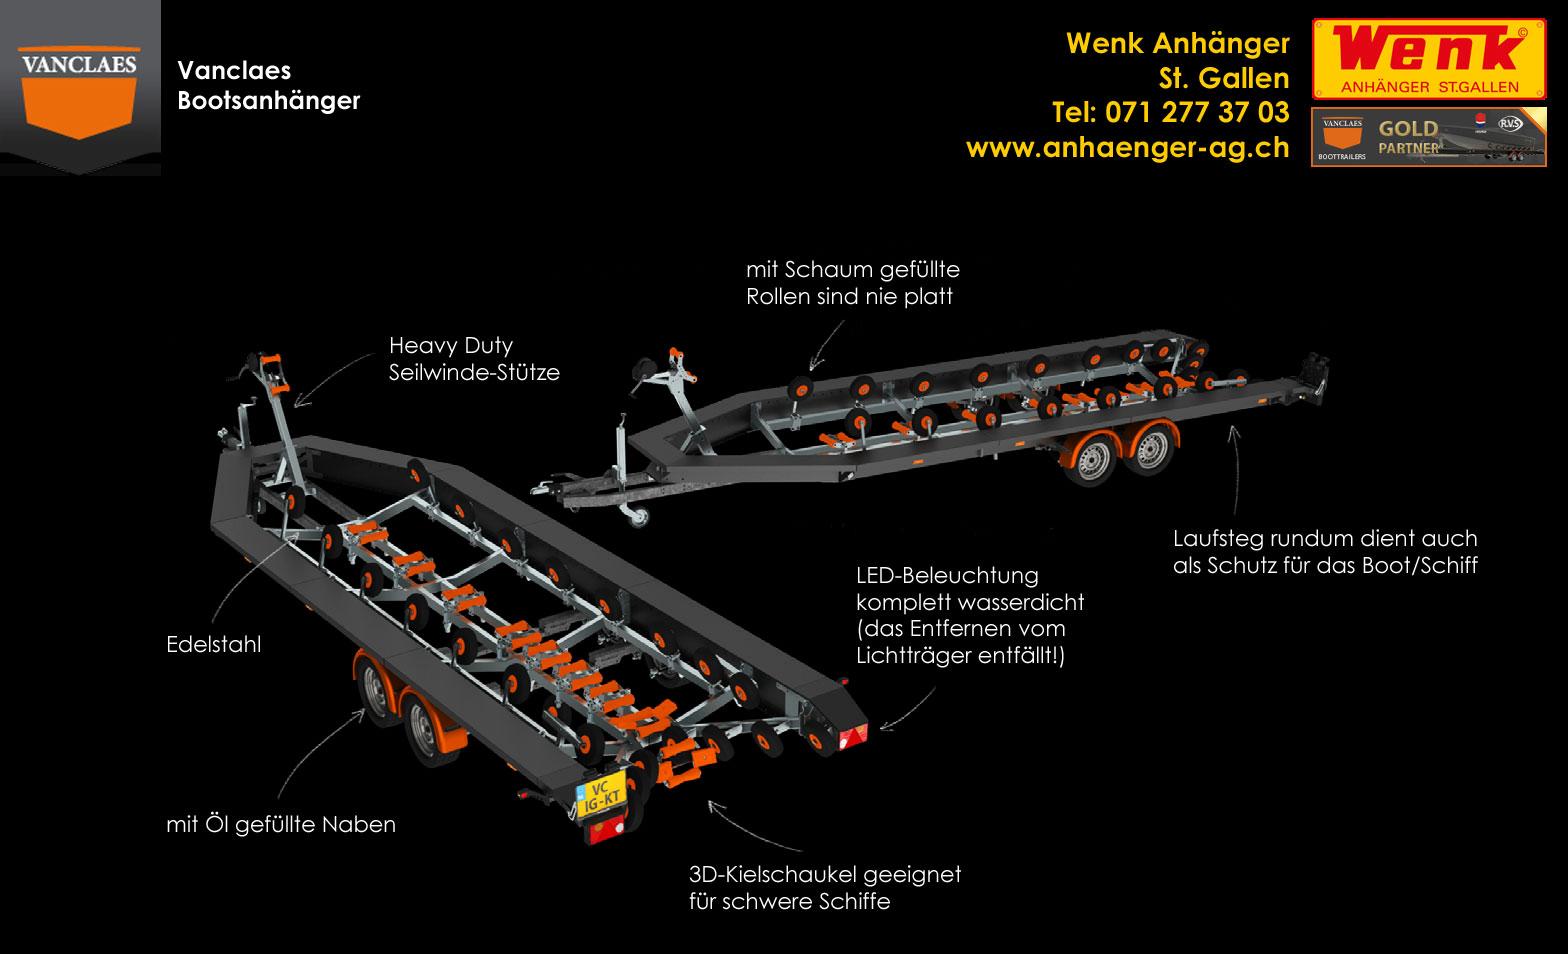 Anhänger und Fahrzeugbau Wenk AG Schweiz